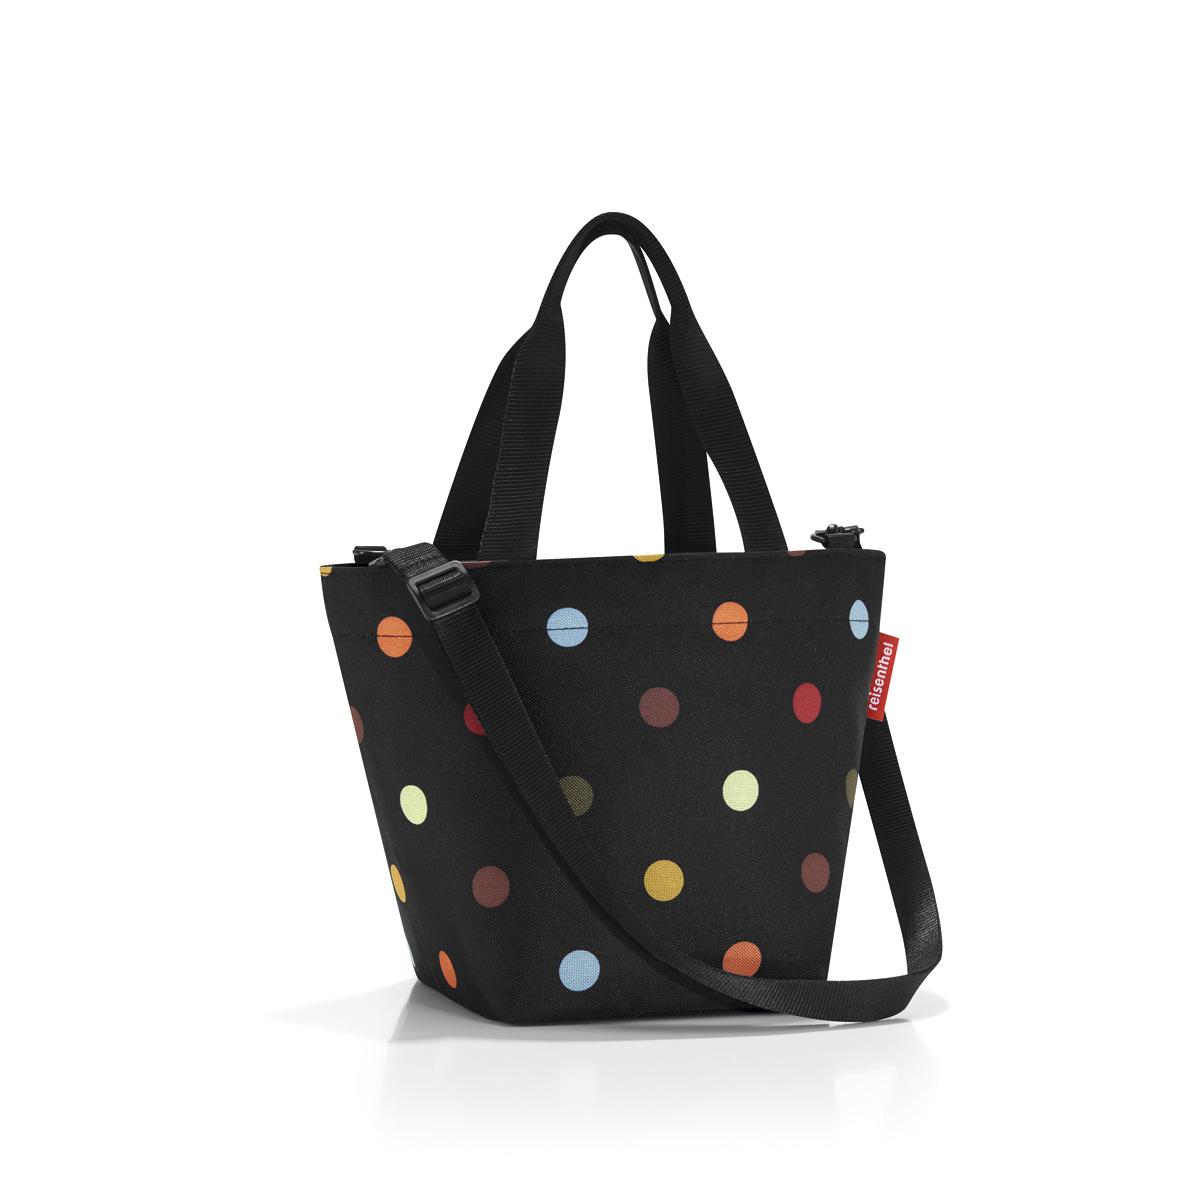 Сумка женская Reisenthel Shopper XS dots, цвет: черный. ZR7009ZR7009Симпатичная сумка для повседневного использования: широкие удобные лямки для переноски в руках и удобный плечевой ремешок с регулируемой длиной, который можно отстегнуть.Объем 4 литра позволяет вместить все необходимые мелочи. Застегивается на молнию. Внутри - кармашек на молнии.